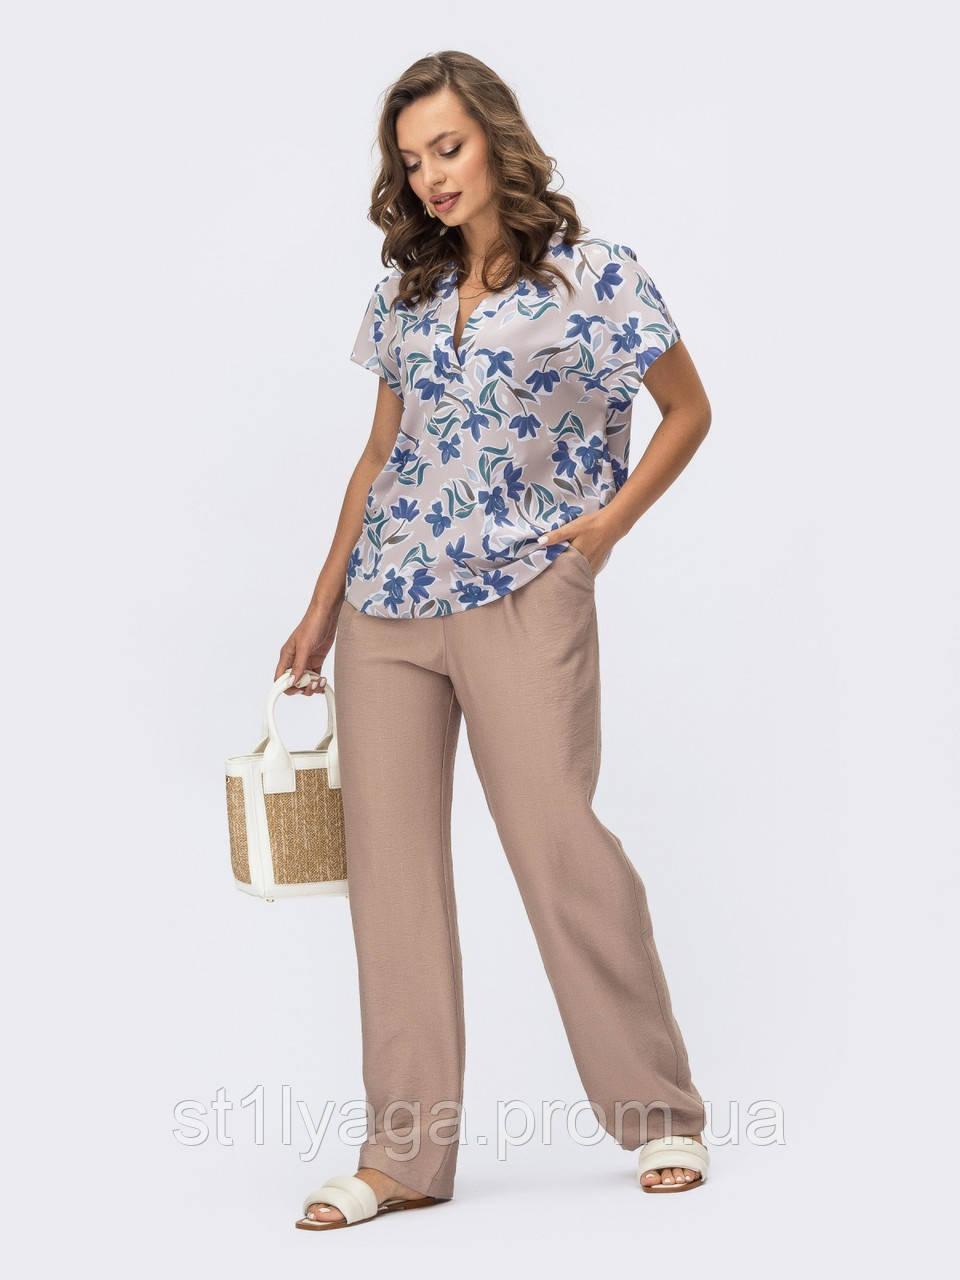 Костюм из блузки в цветочек и брюк бежевый ЛЕТО